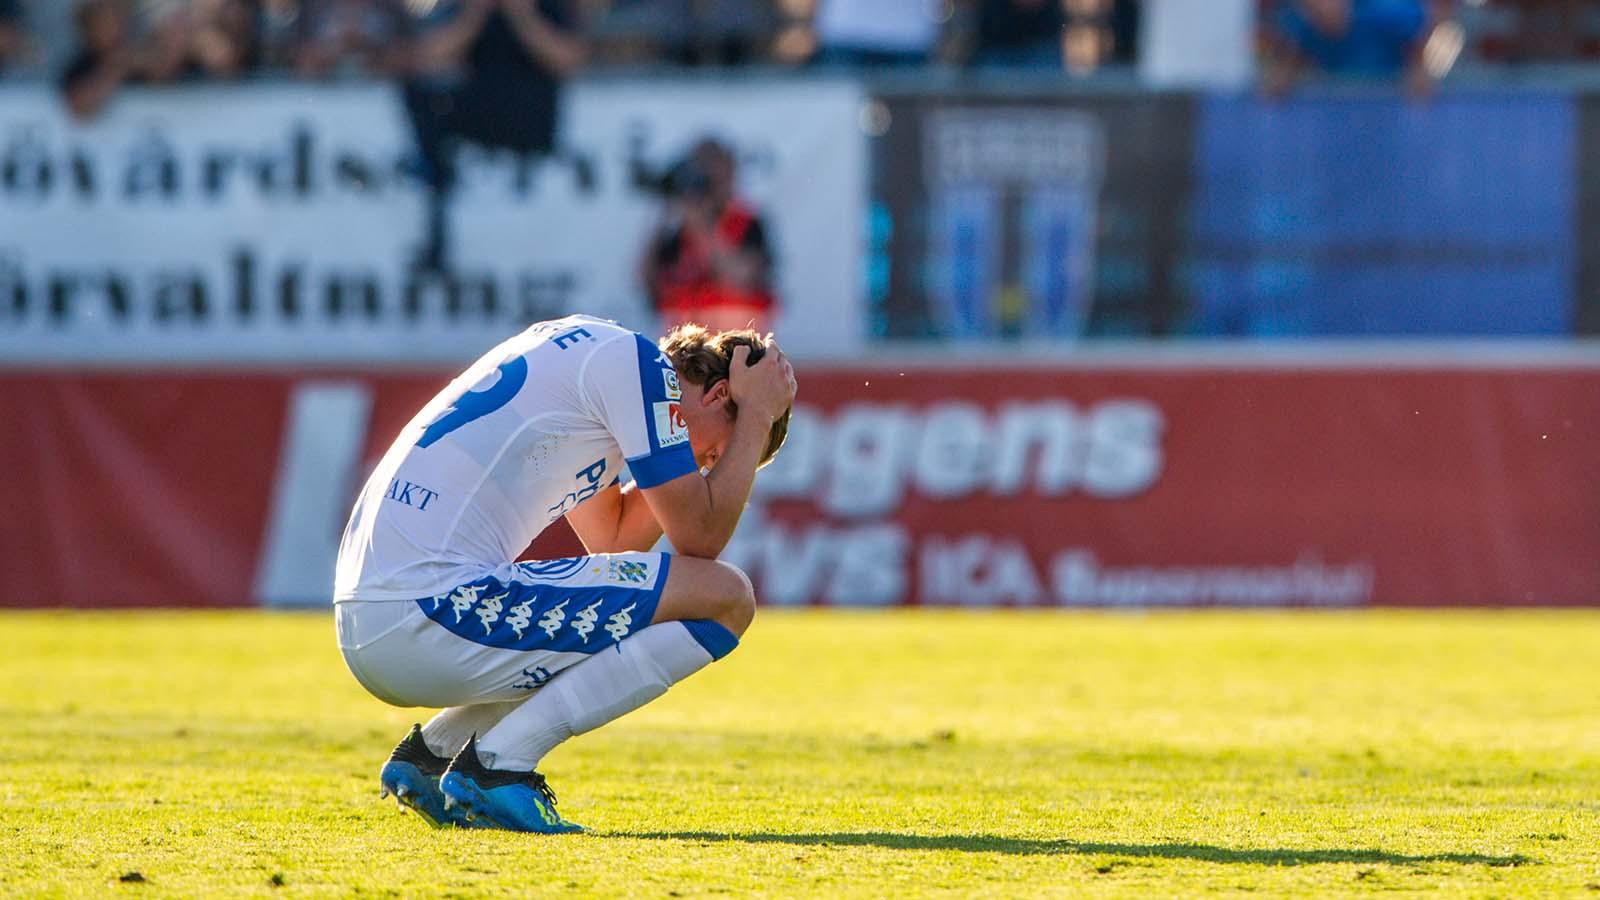 180722 IFK Göteborgs August Erlingmark deppar efter fotbollsmatchen i Allsvenskan mellan Sirius och IFK Göteborg den 22 juli 2018 i Uppsala. Foto: Jonathan Näckstrand / BILDBYRÅN / Cop 94